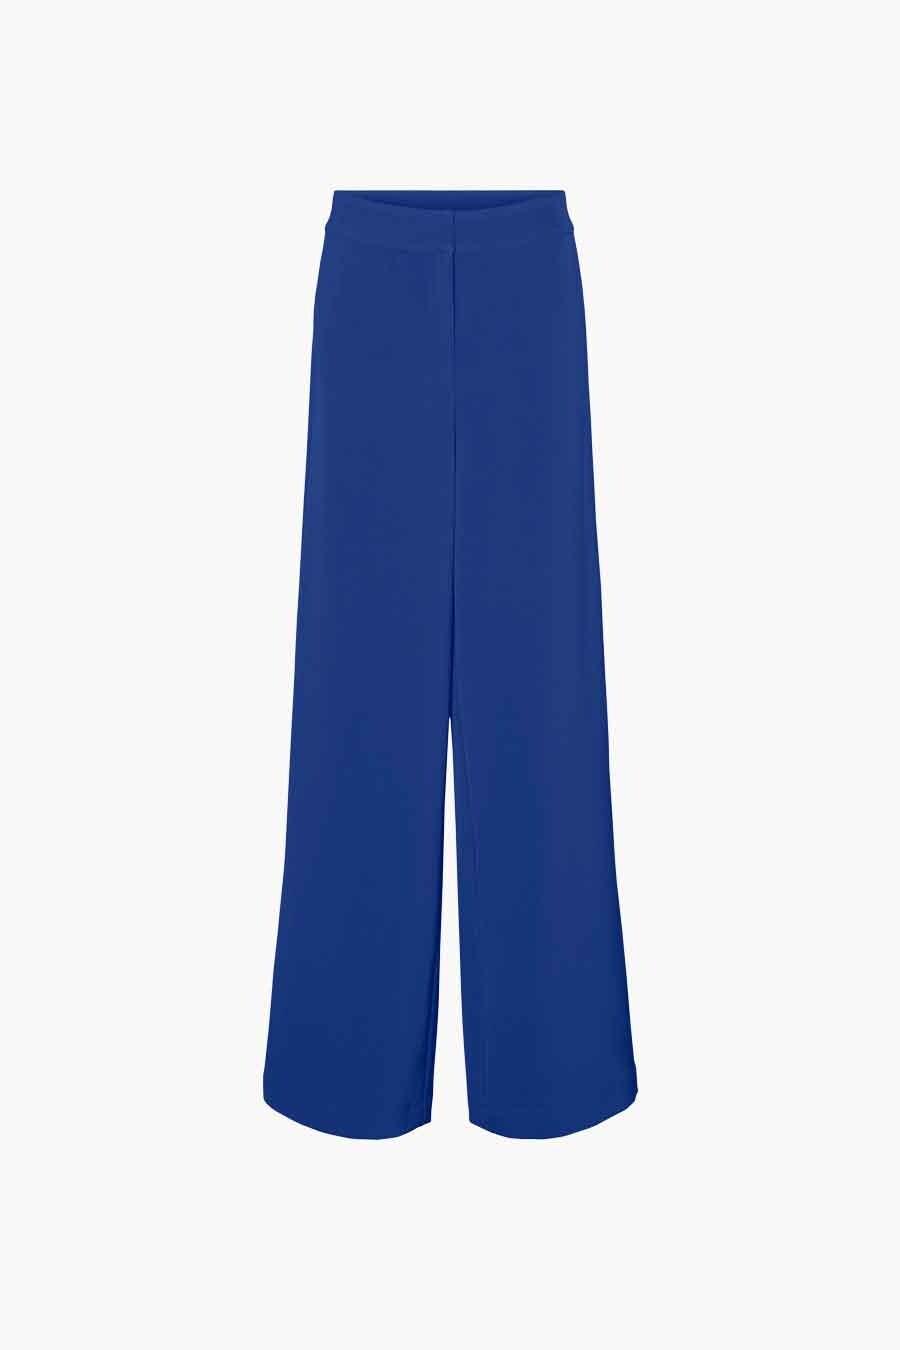 Vero Moda® Broek, Blauw, Dames, Maat: 36/38/42